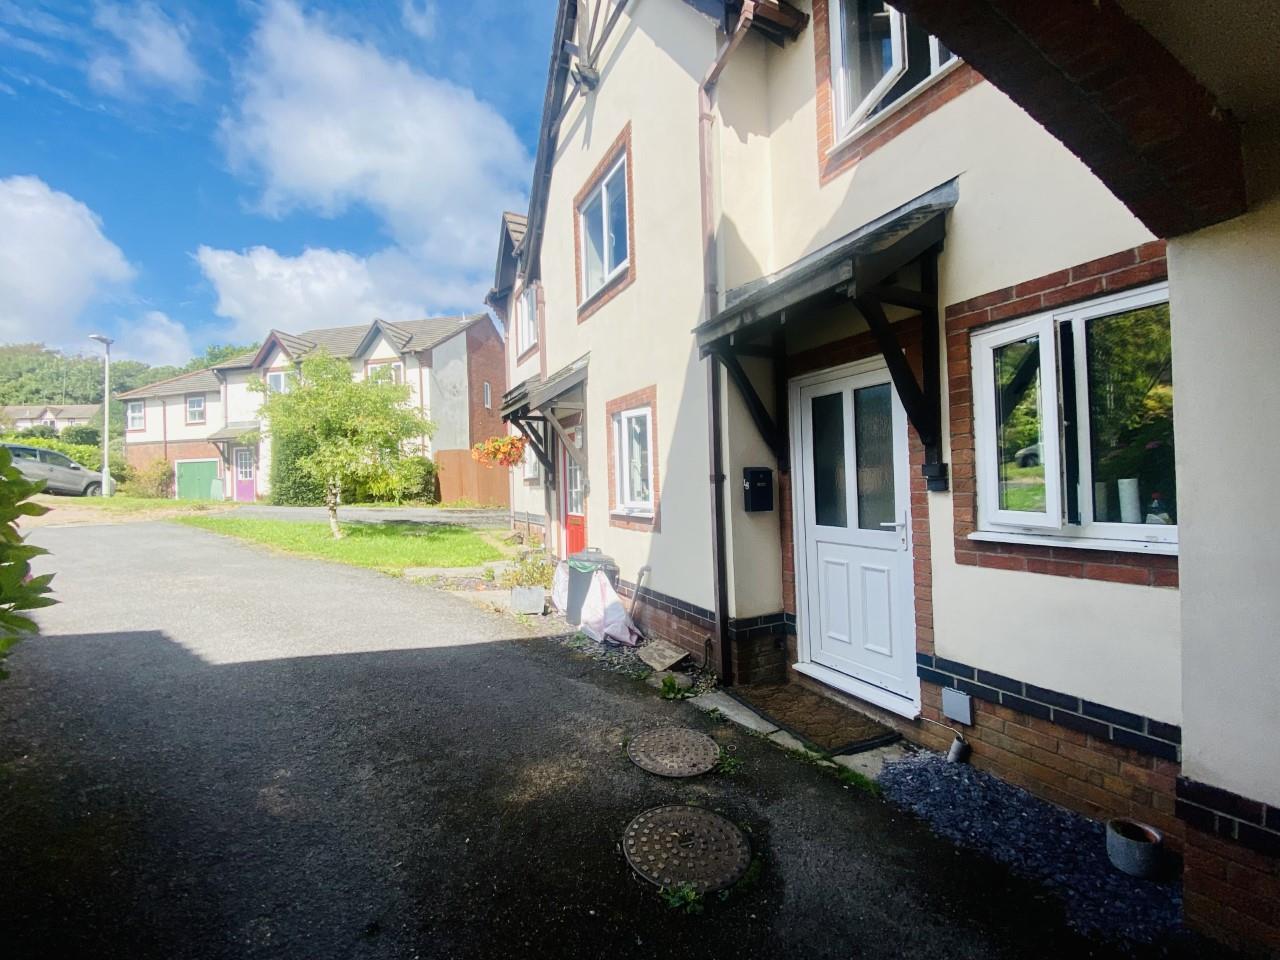 Cowper Close, Killay, Swansea, SA2 7DG